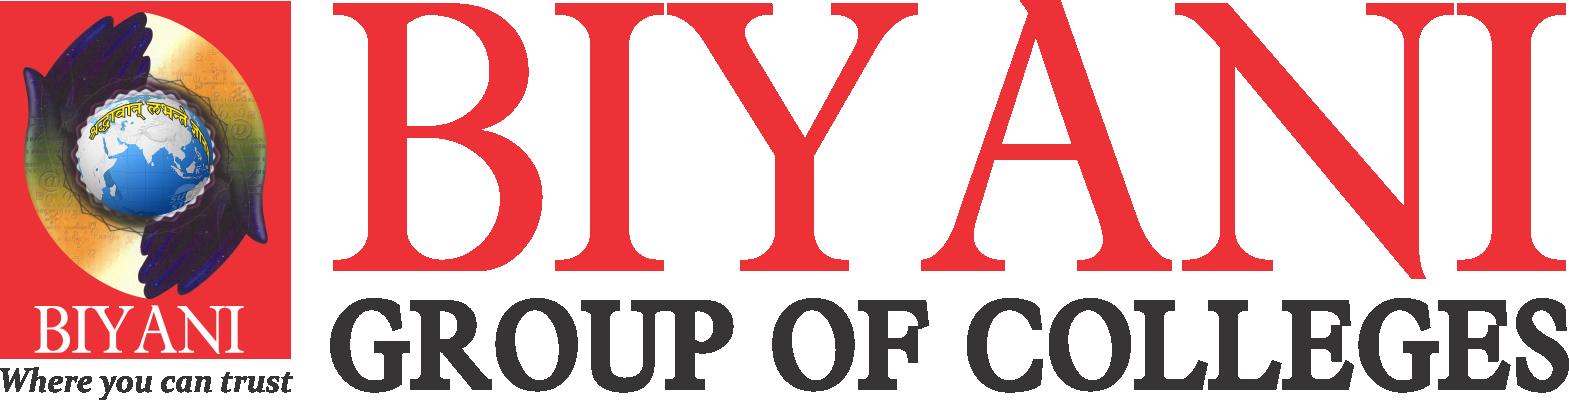 Biyani Group of College